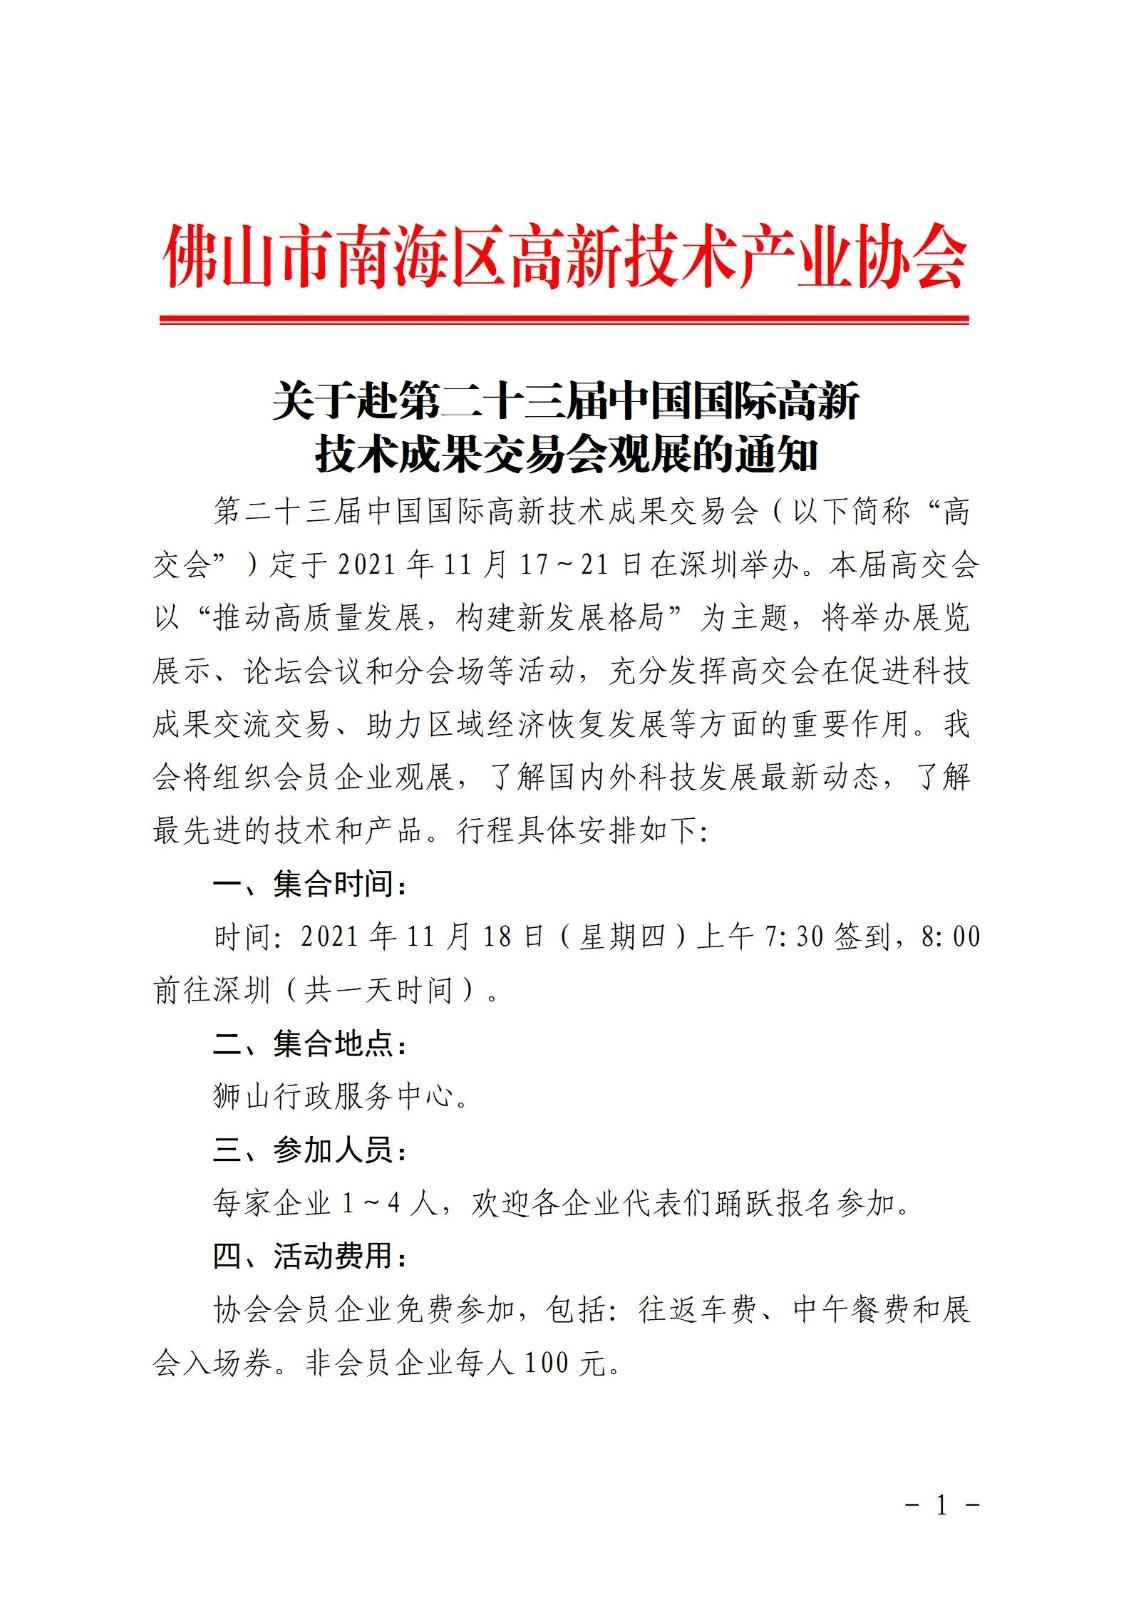 关于赴第二十三届中国国际高新技术成果交易会观展的通知_01.jpg